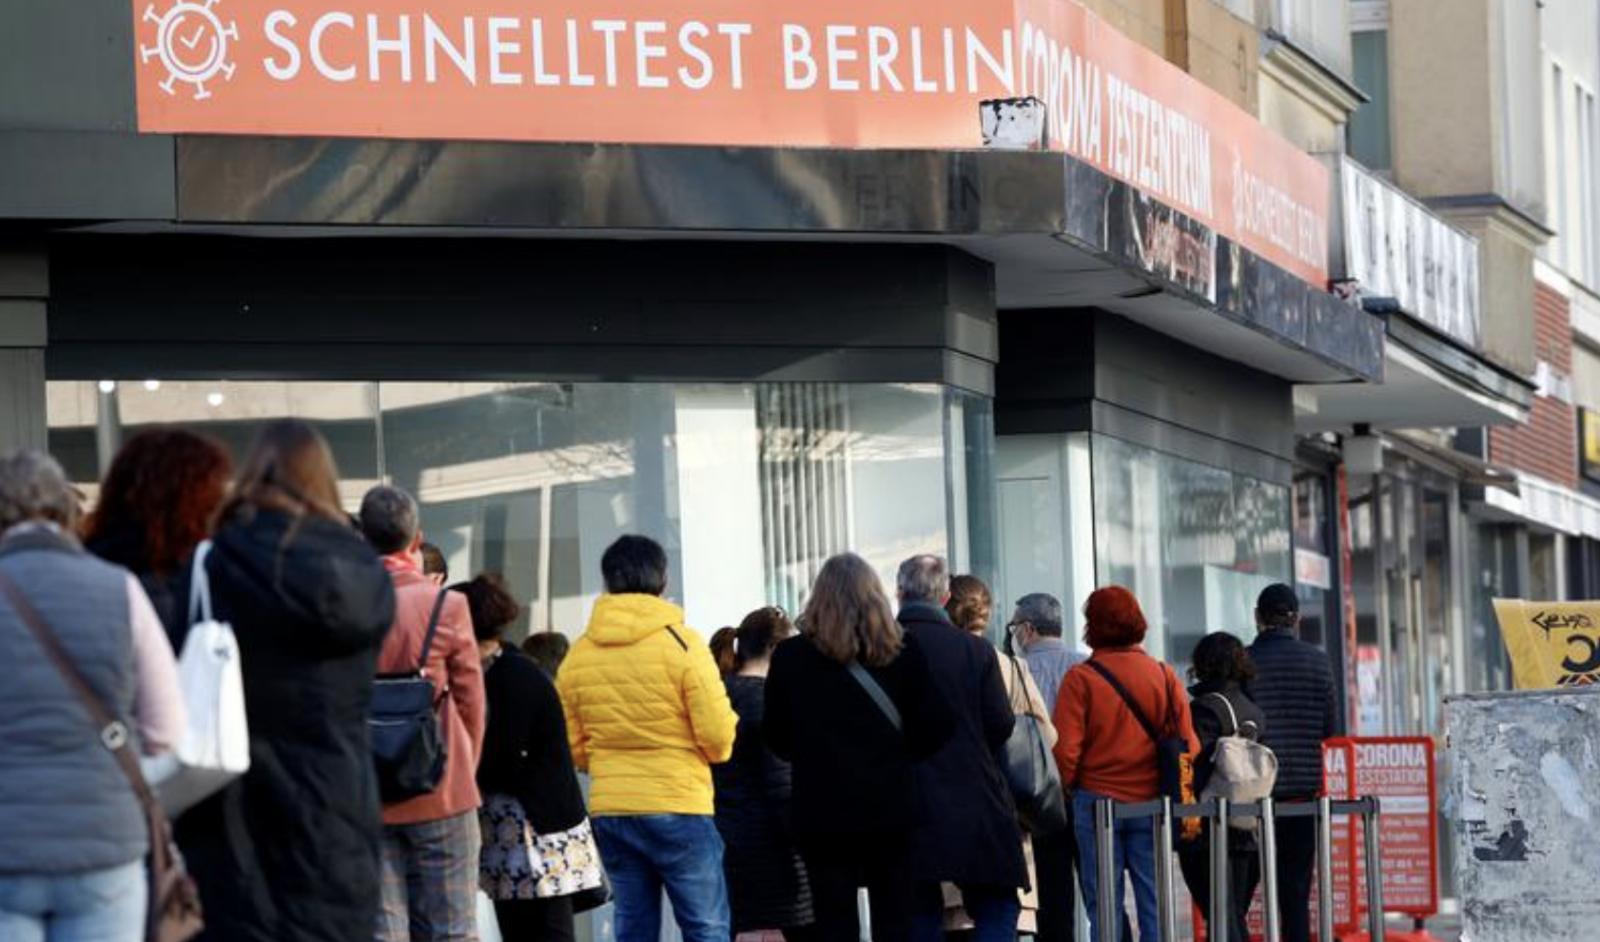 Merkel to take control from German states in pandemic battle